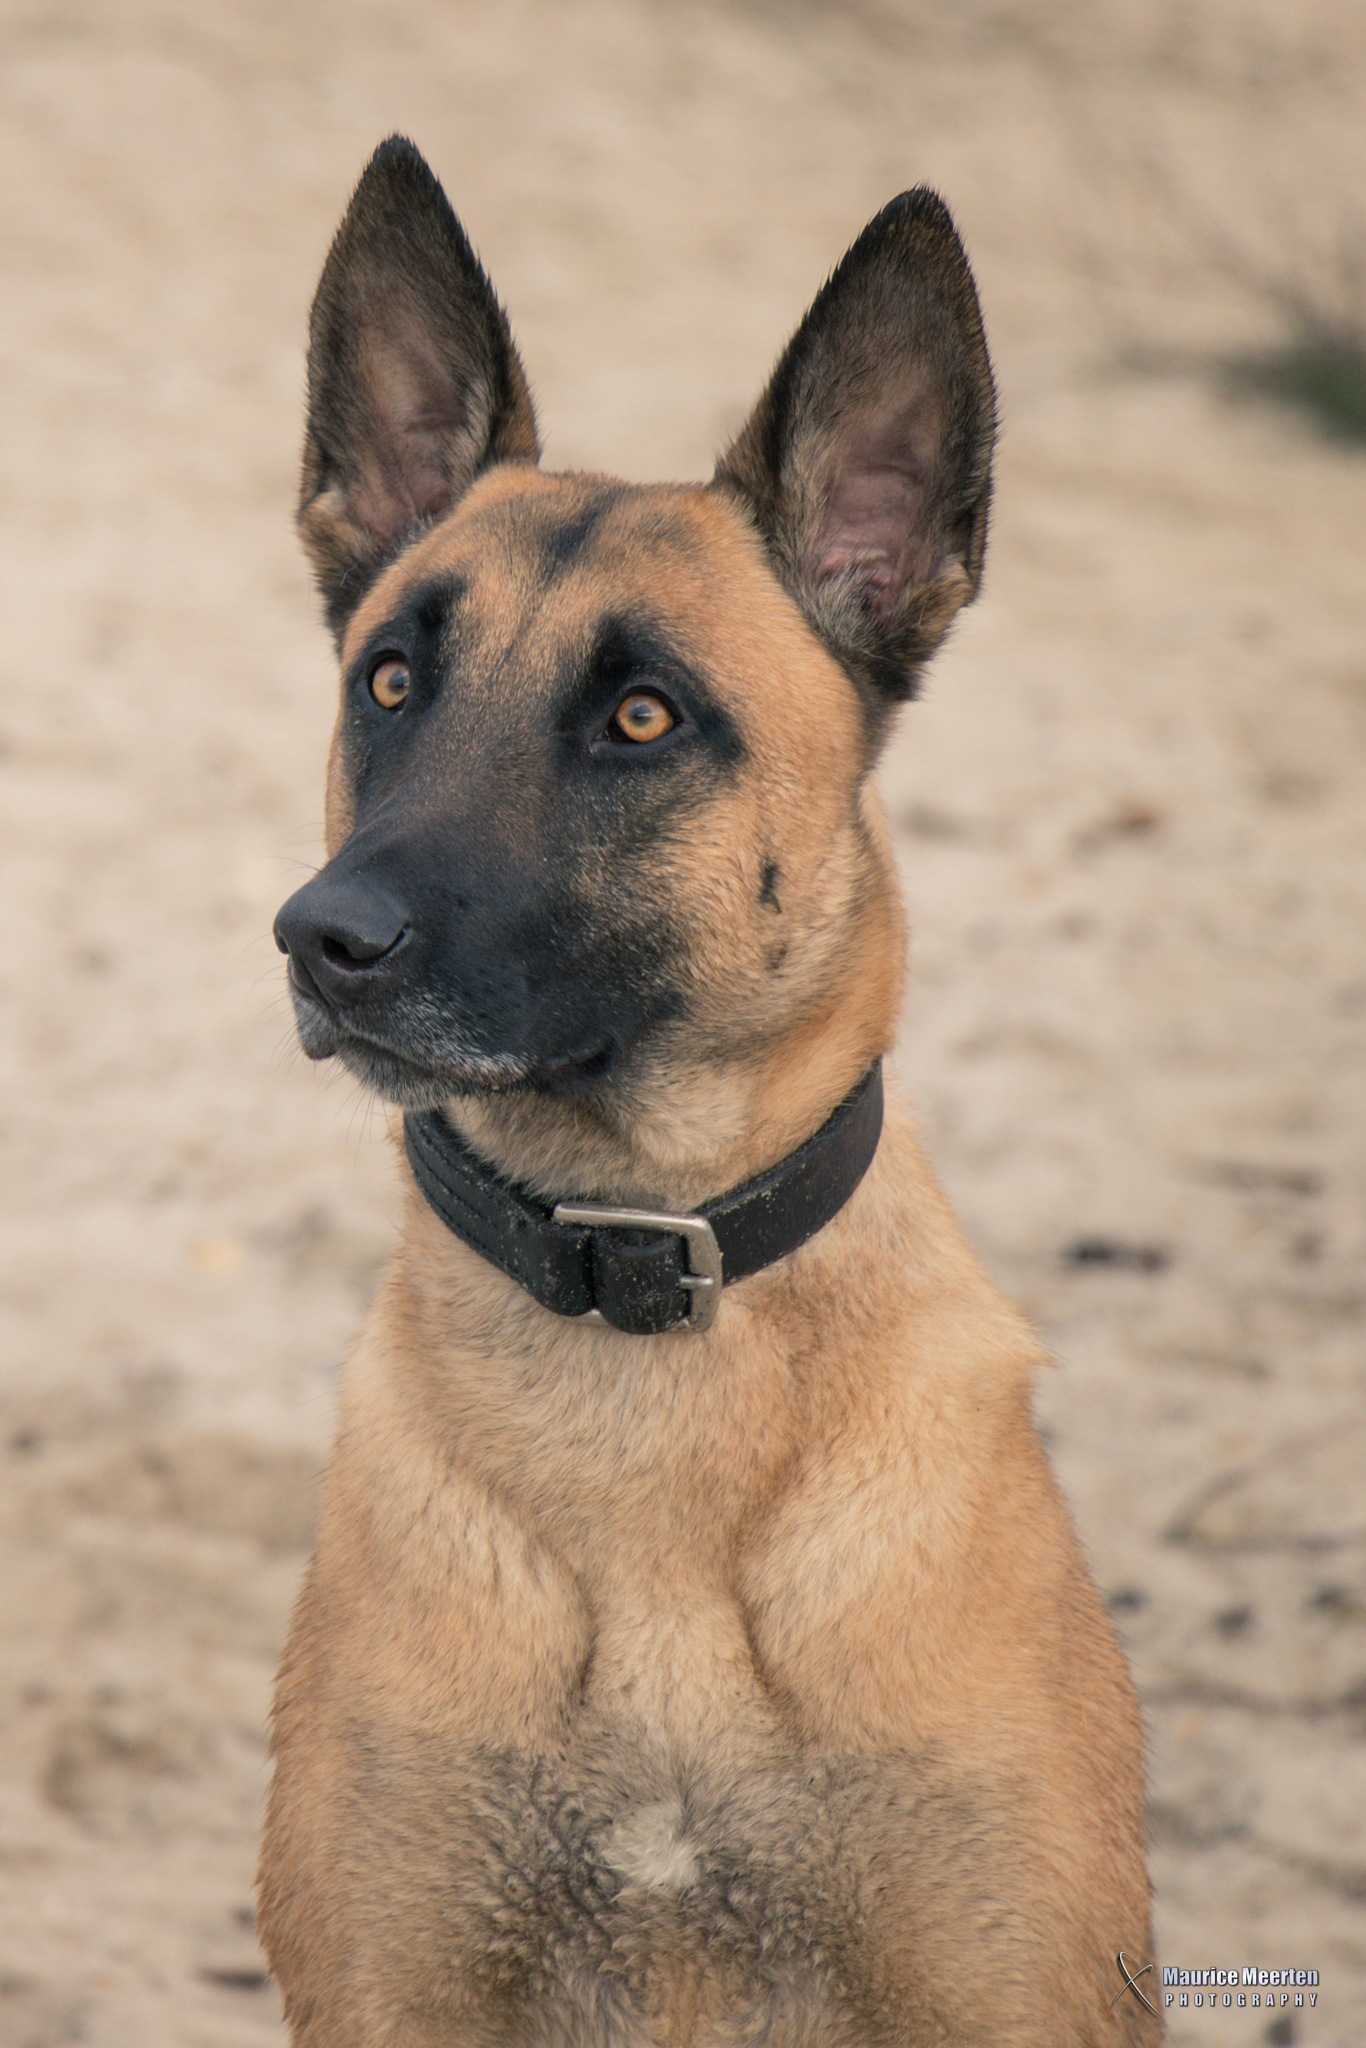 Dog by Maurice Meerten